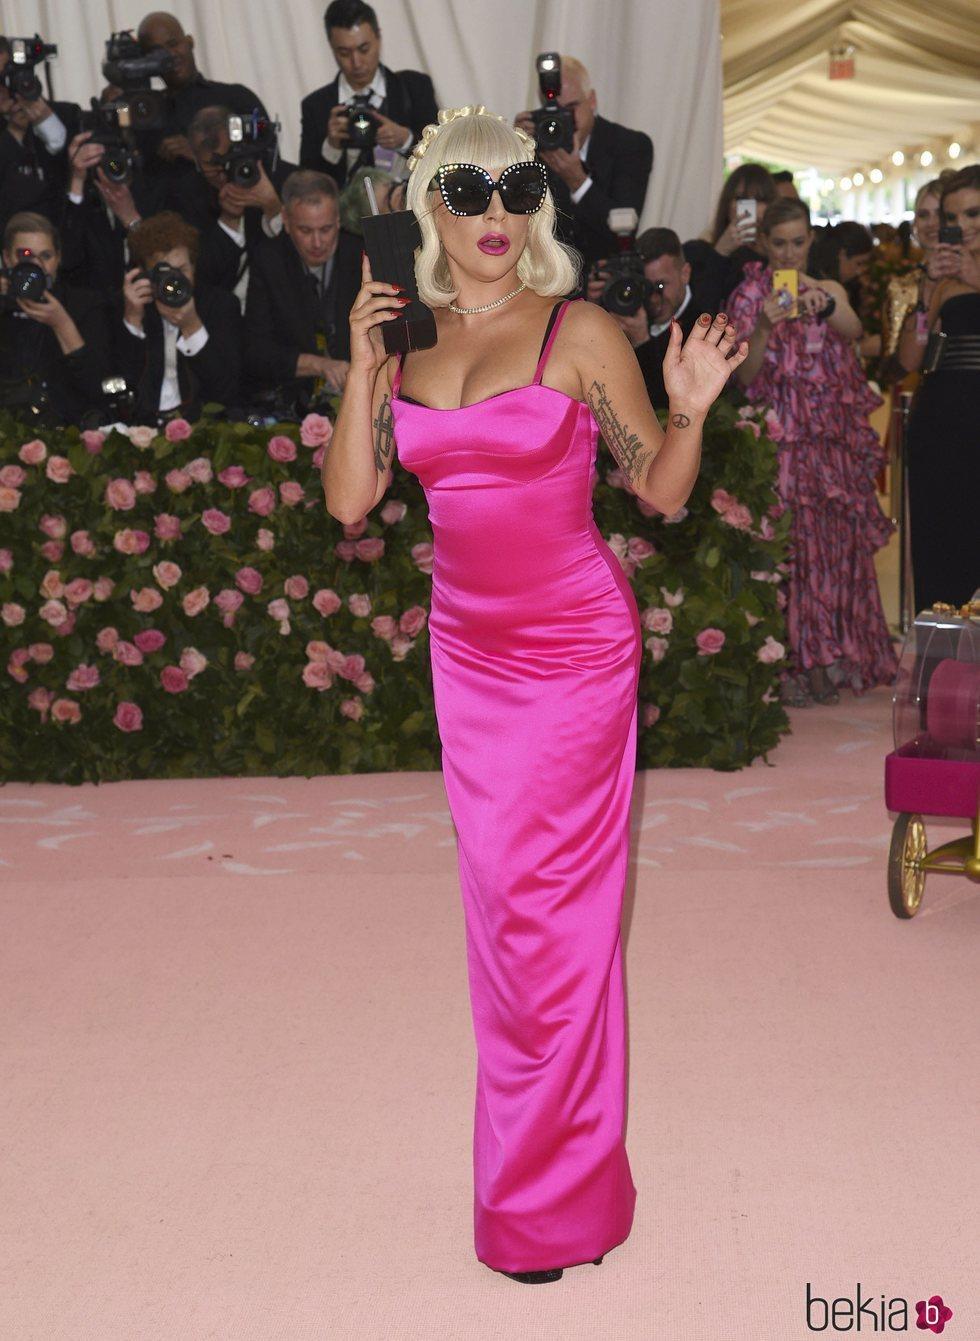 Lady Gaga en la alfombra roja de la Gala MET 2019 con un vestido fucsia